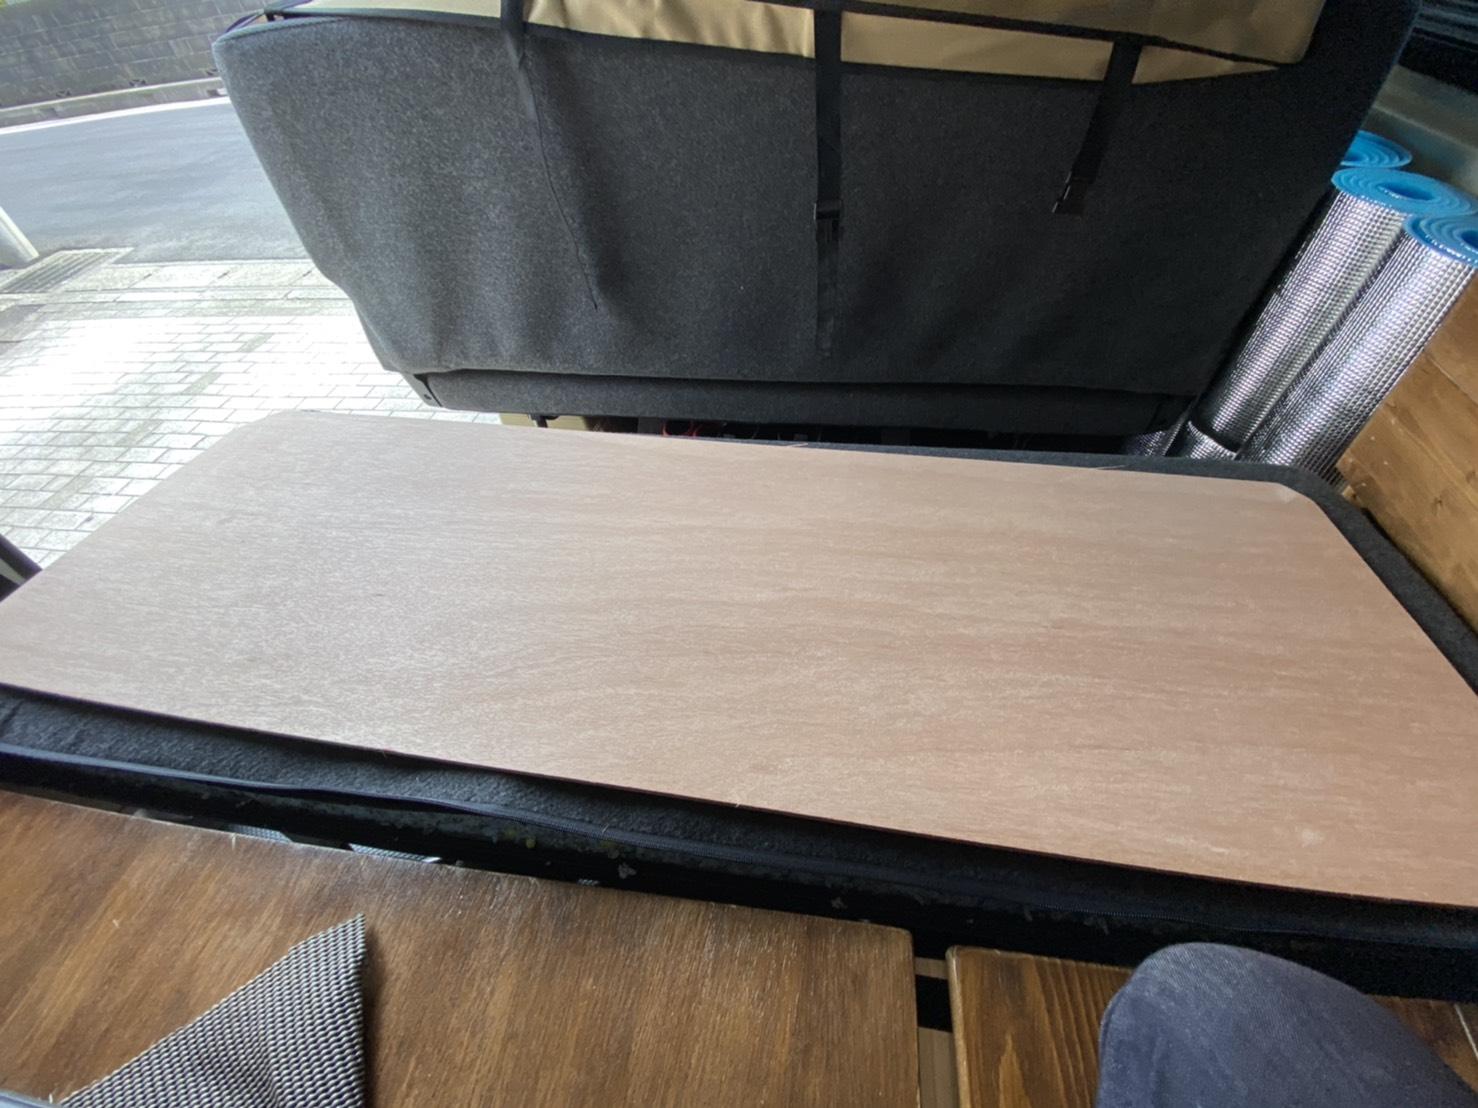 ハイエースのセカンドシート裏に合板を仕込む。